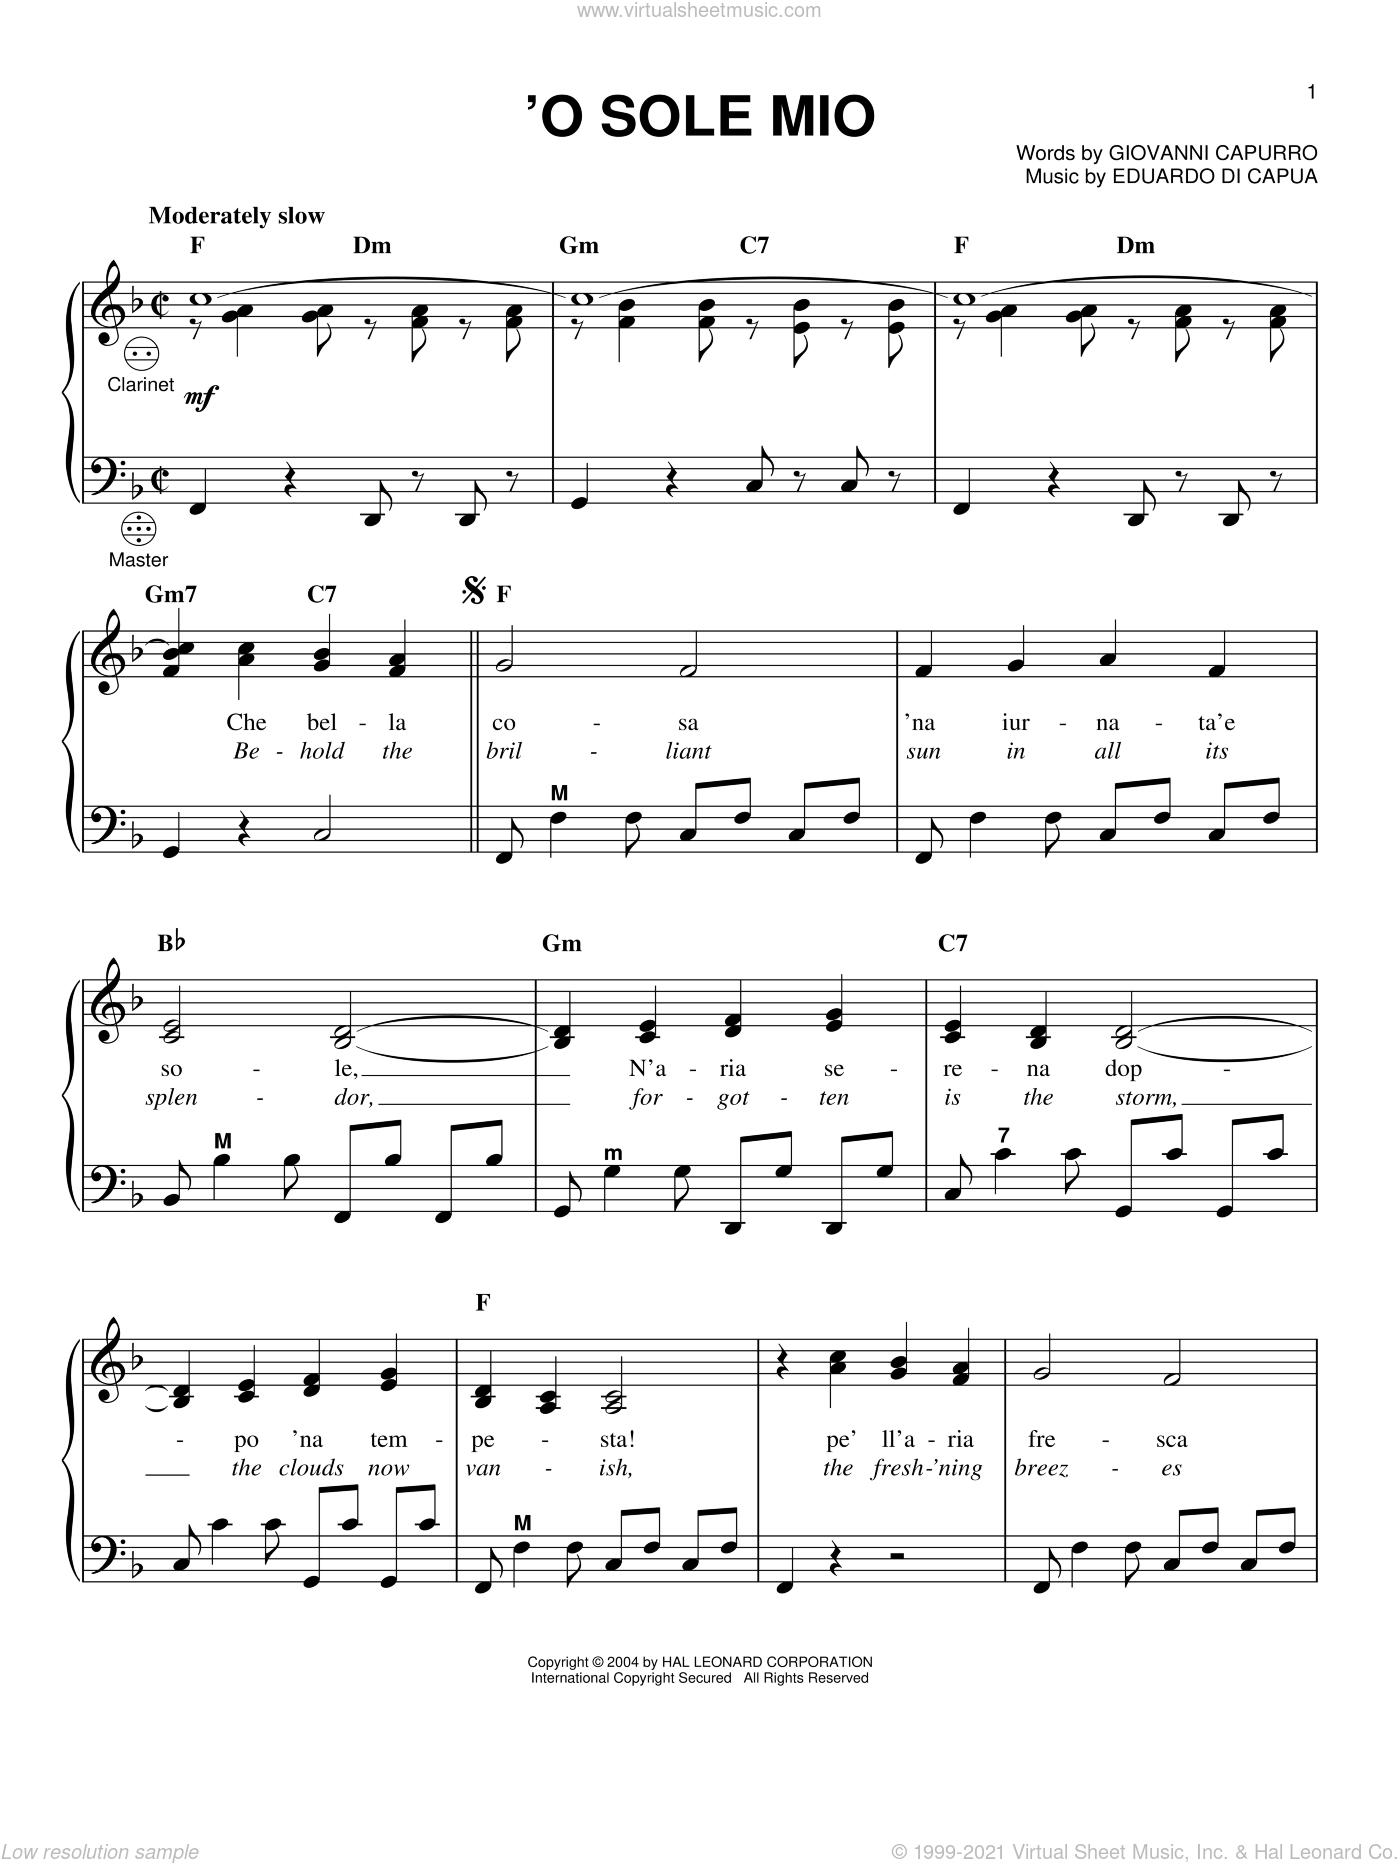 'O Sole Mio sheet music for accordion by Mario Lanza, Luciano Pavarotti, Eduardo di Capua and Giovanni Capurro, intermediate skill level